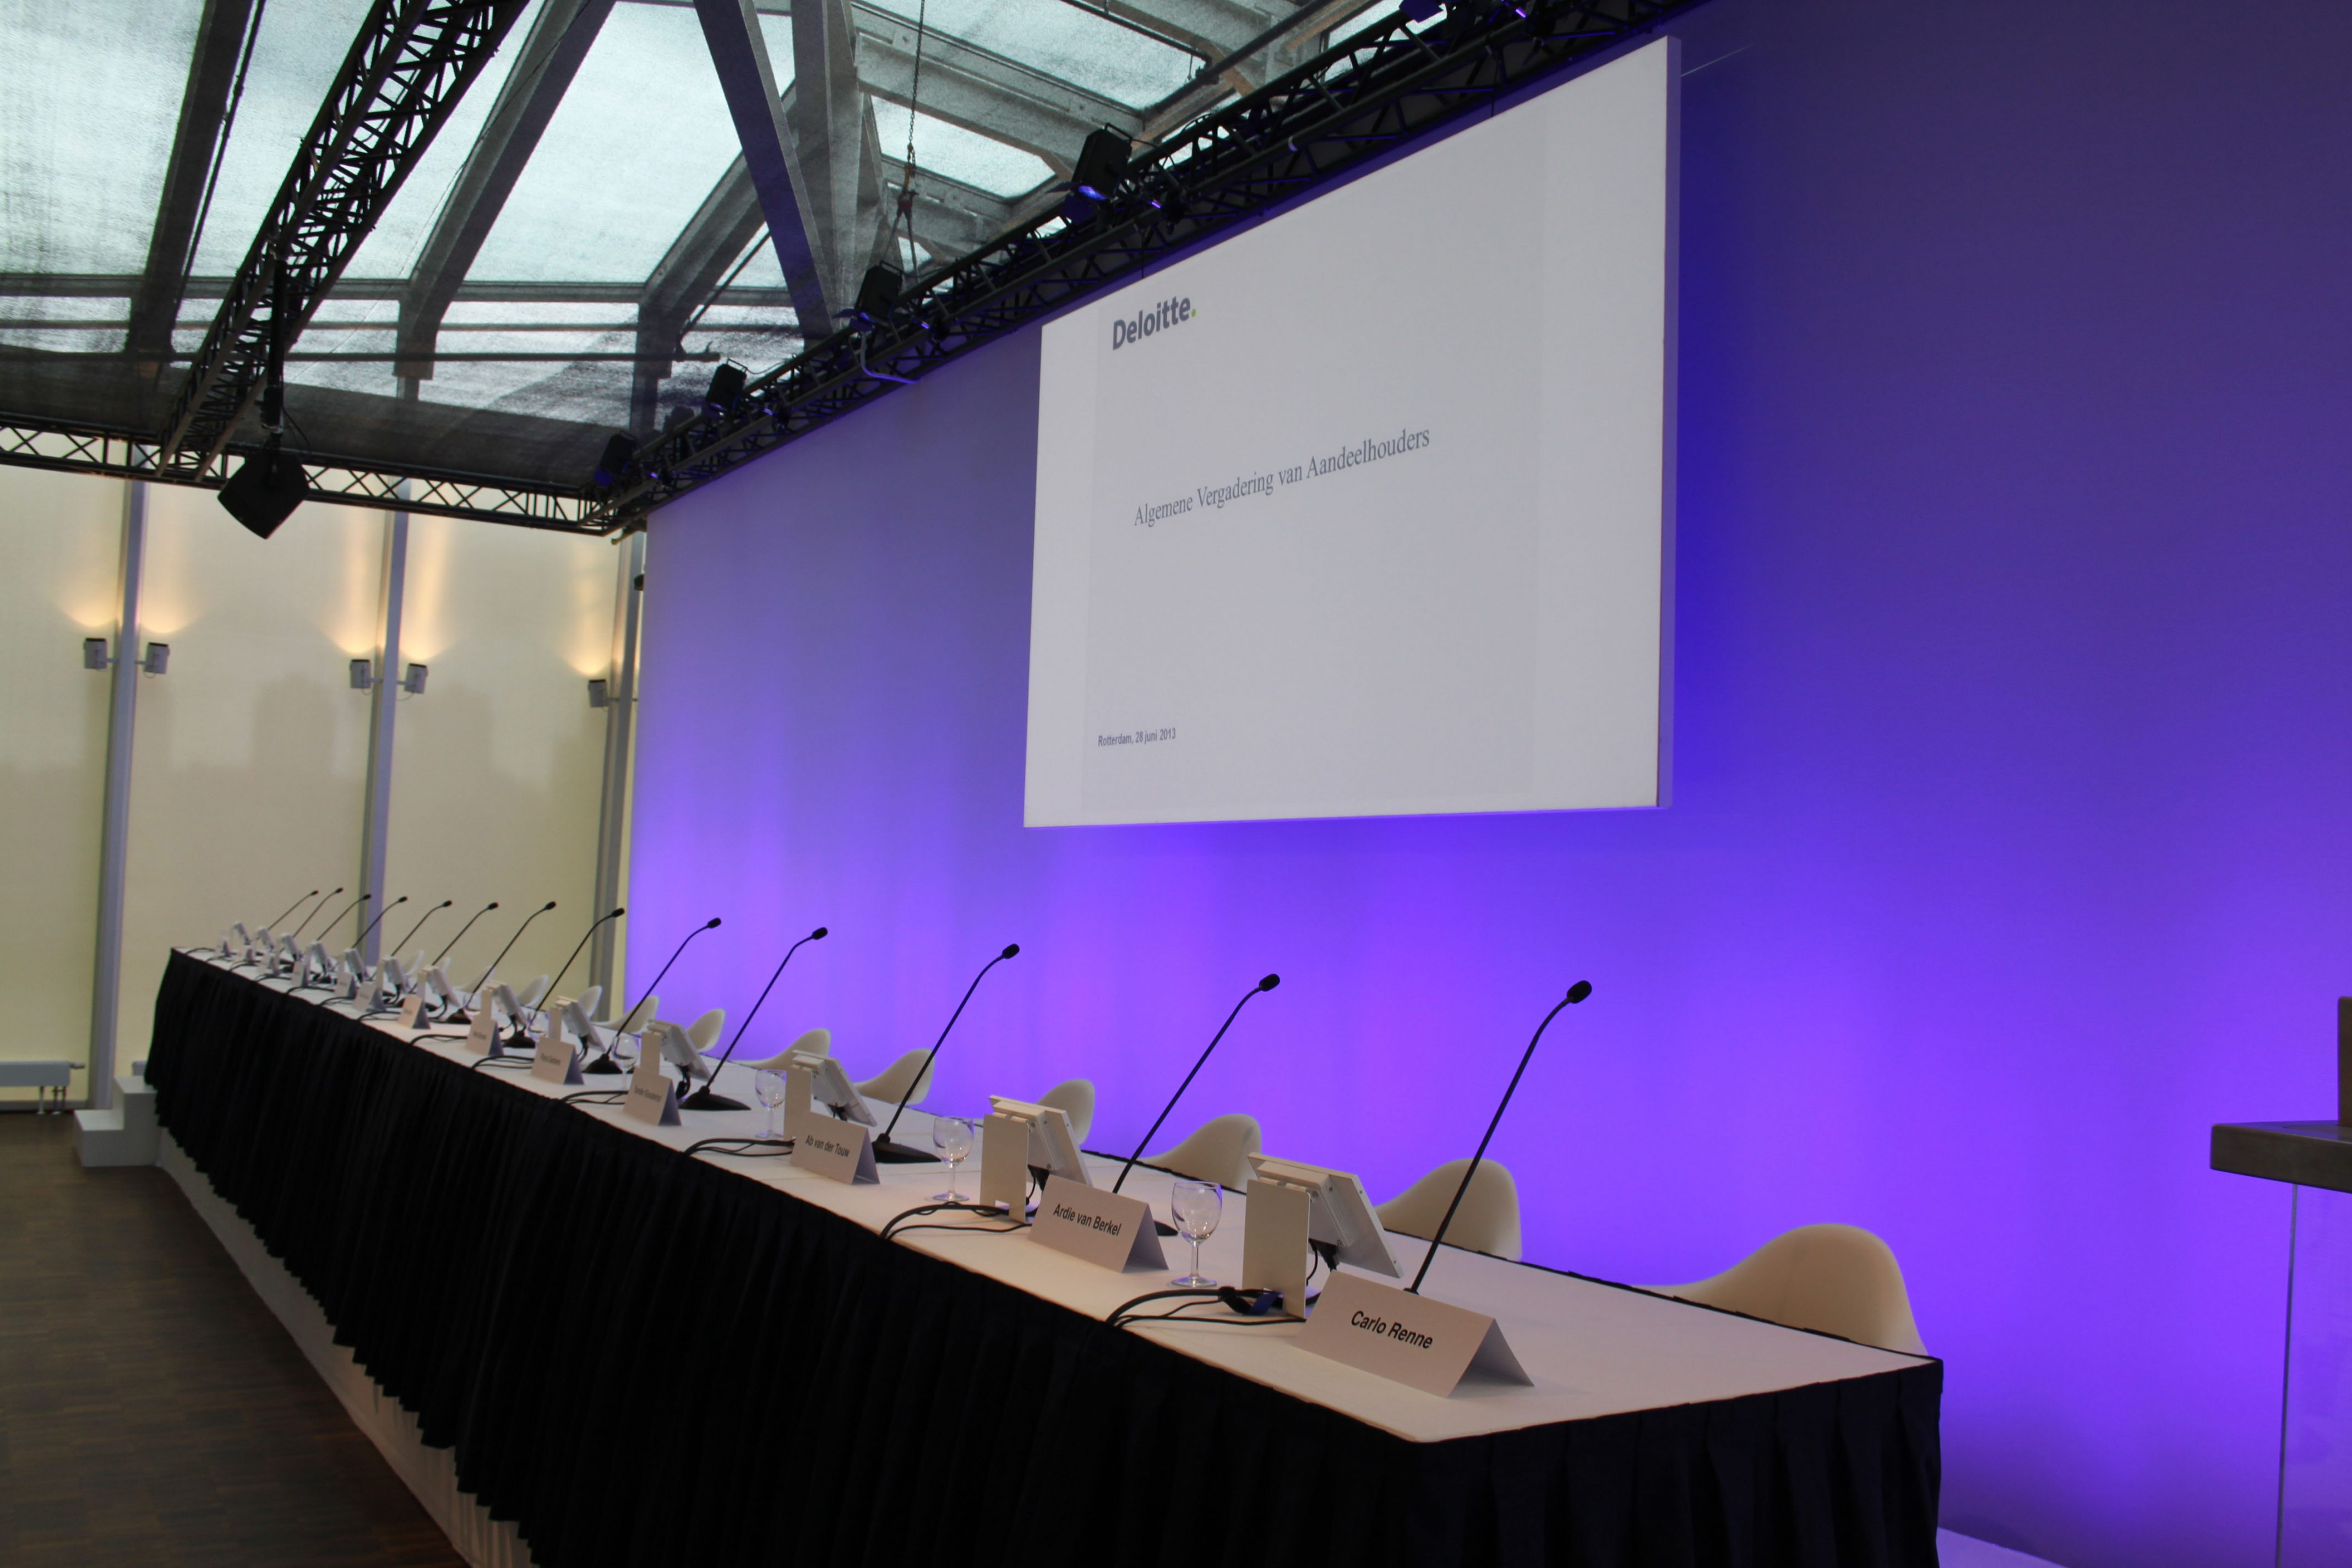 Aandeelhoudersvergadering Deloite